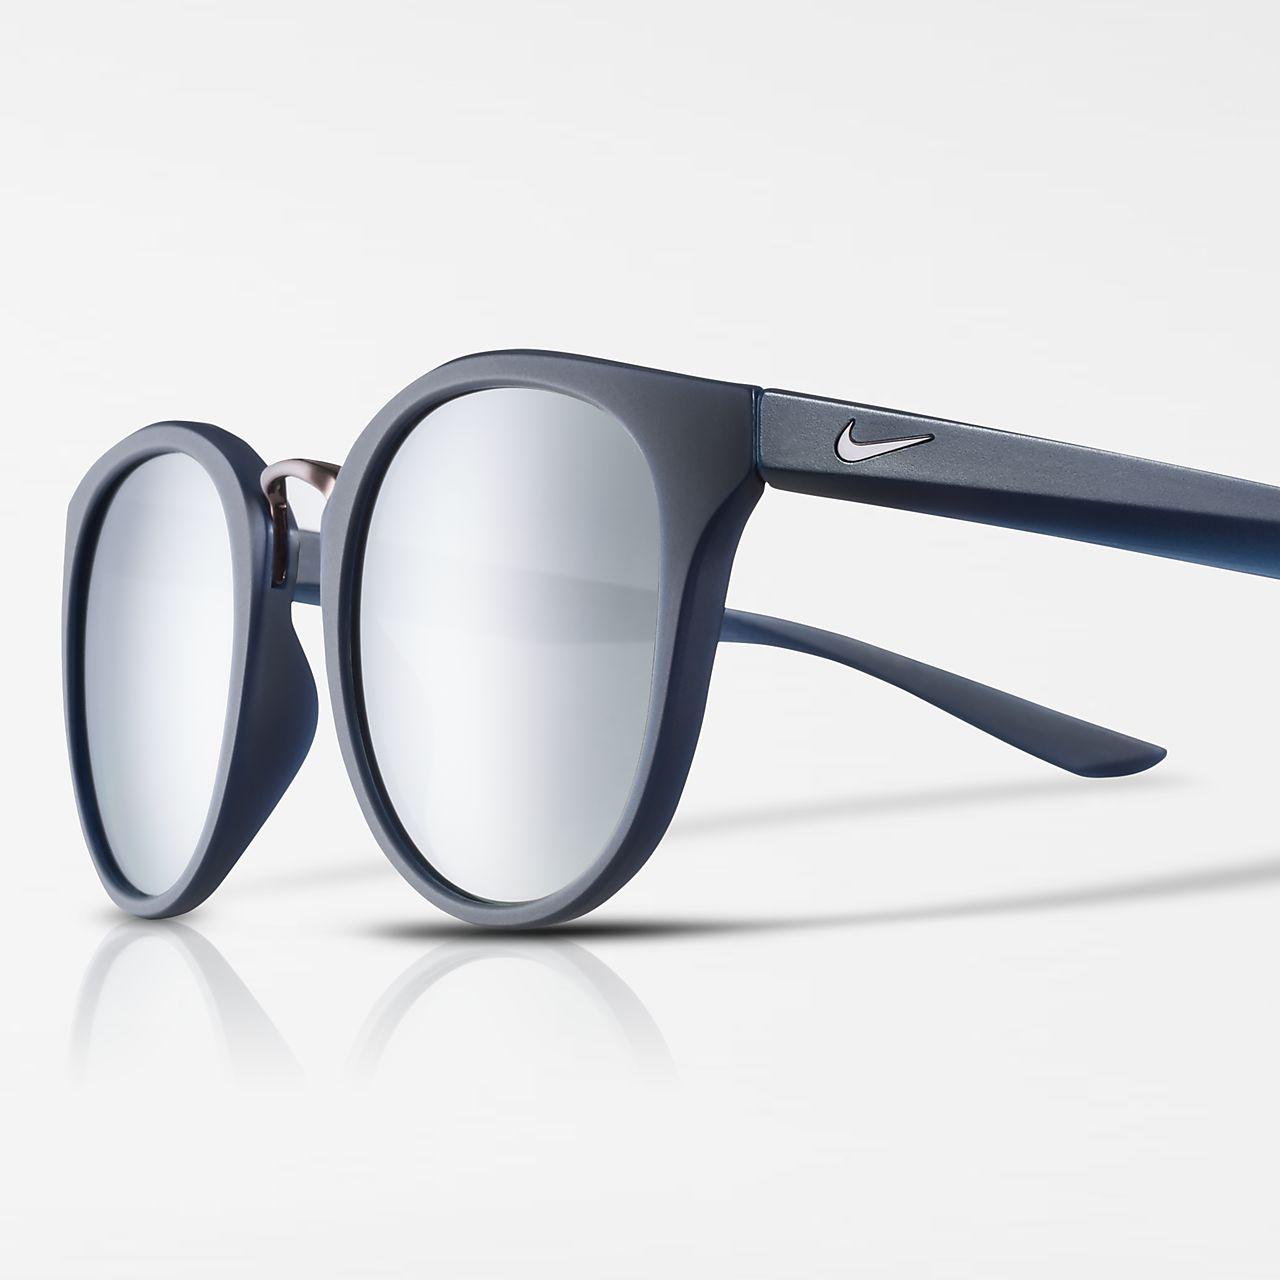 Óculos de sol Nike Revere Mirrored